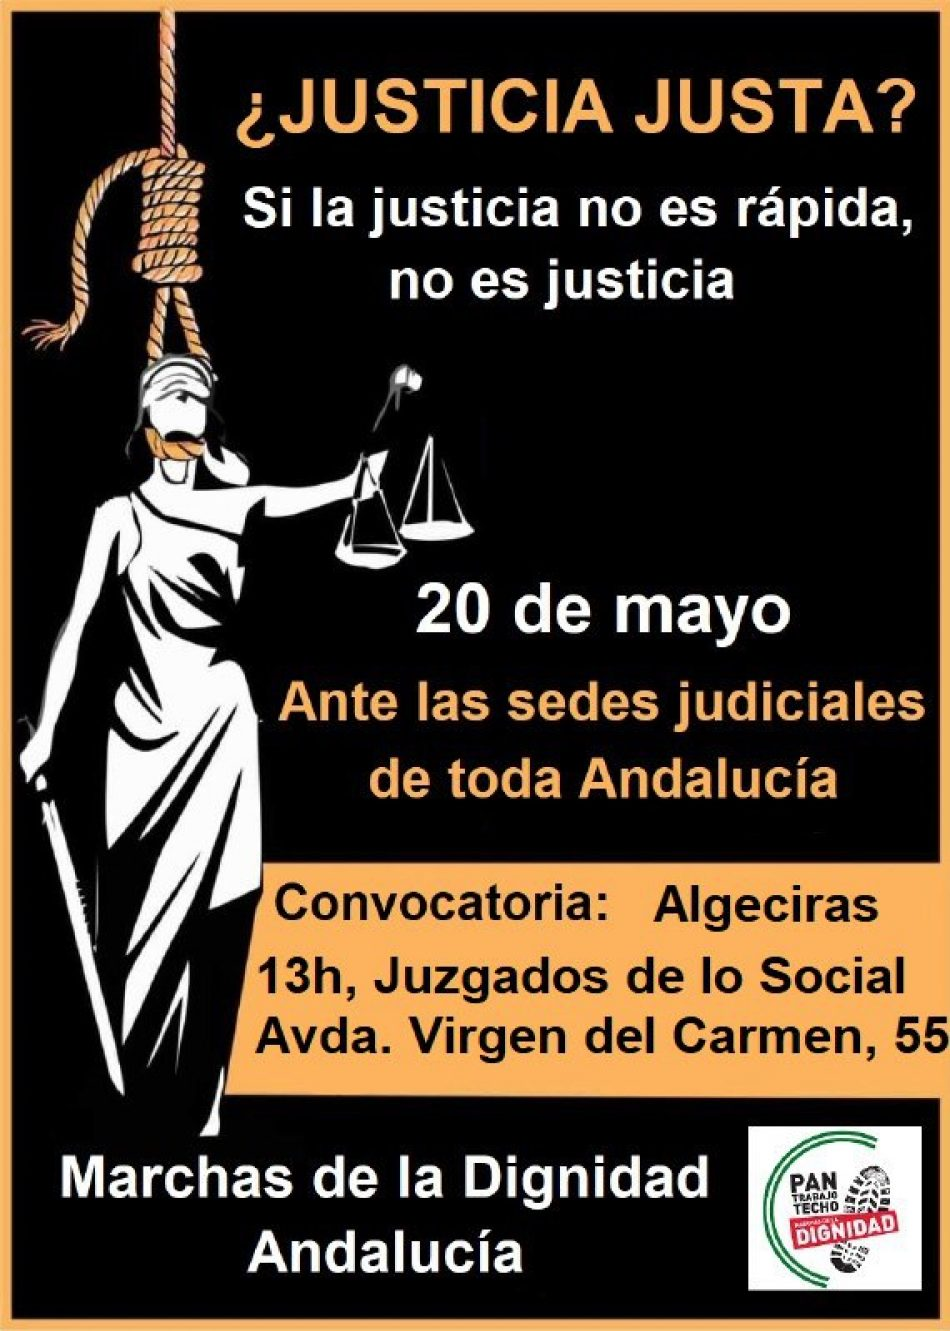 «Al Decanato de los juzgados de Jerez: ¿Justicia justa? Si la justicia no es rápida, no es justicia»